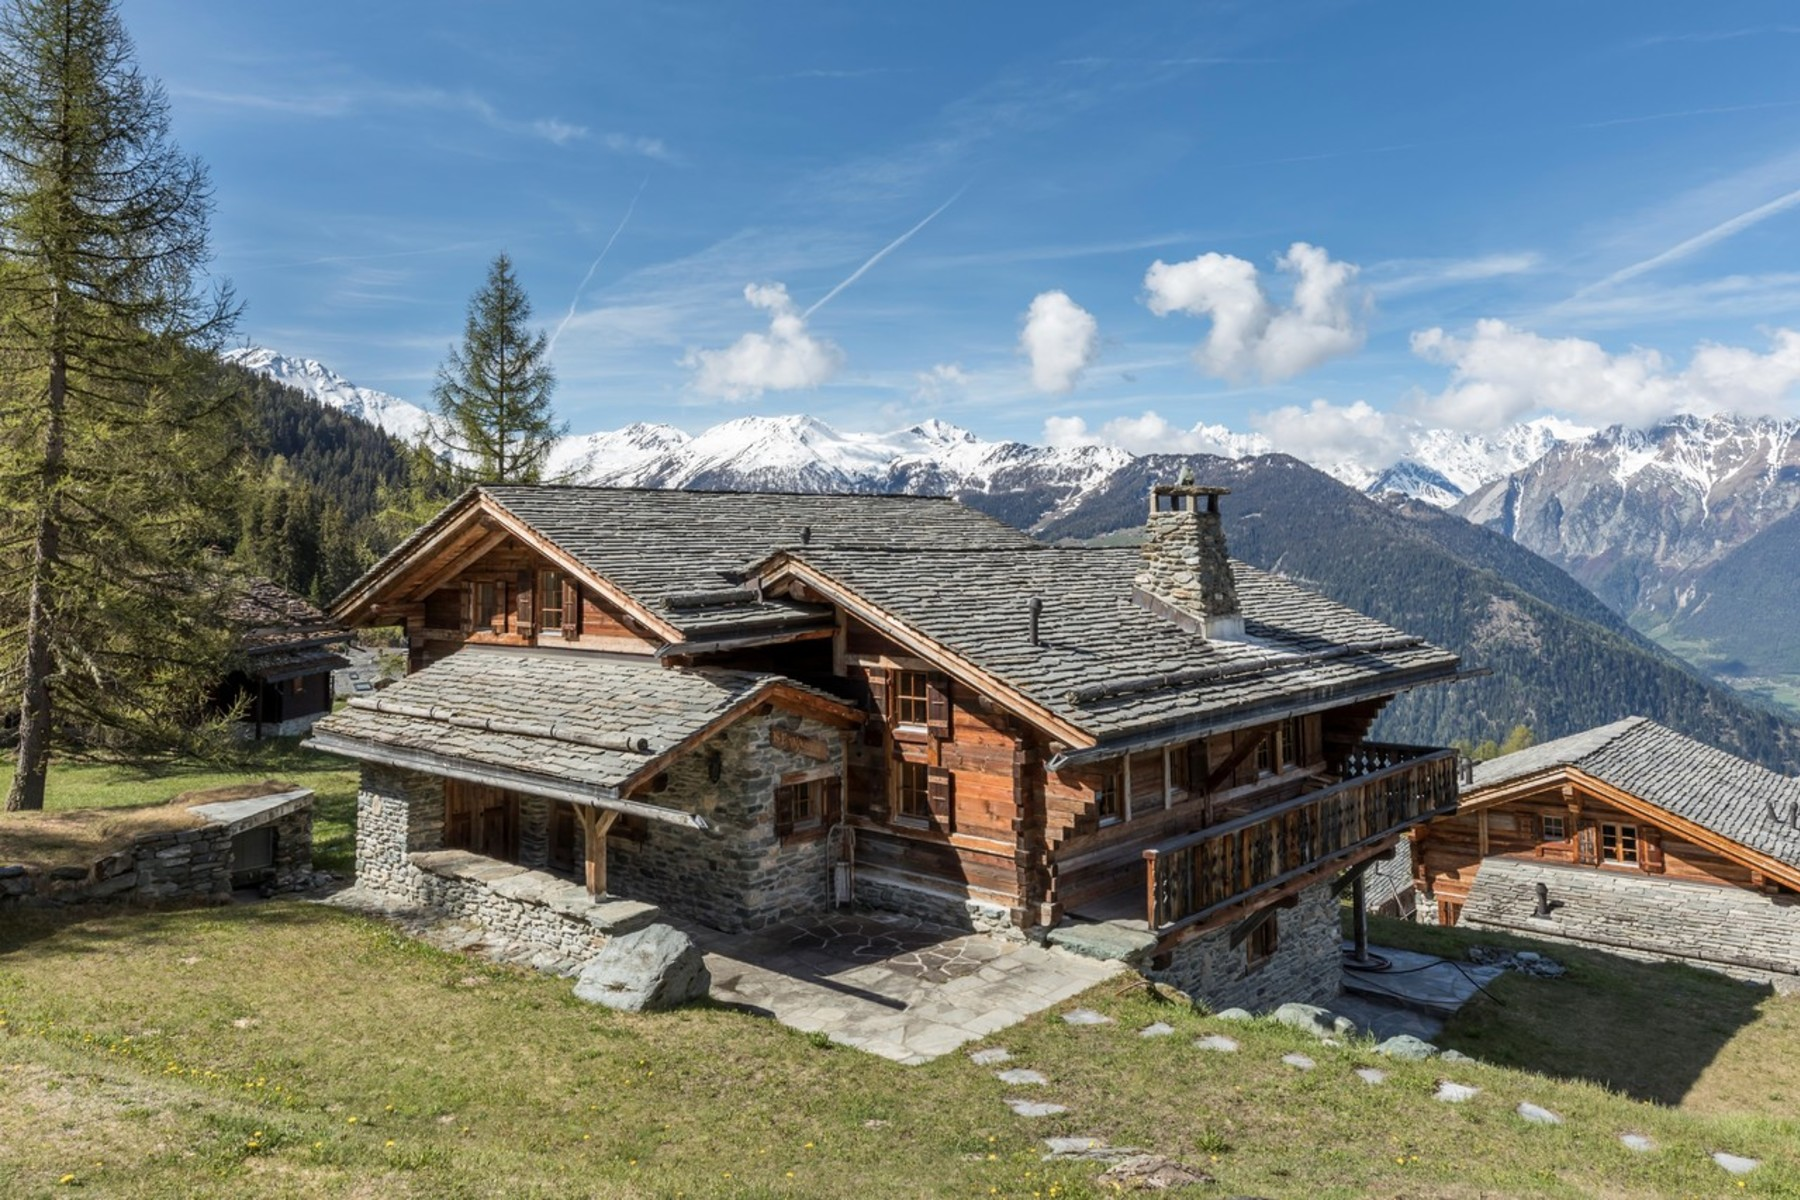 独户住宅 为 销售 在 Chalet KEWANEE Verbier, 韦尔比耶, 瓦莱州, 1936 瑞士